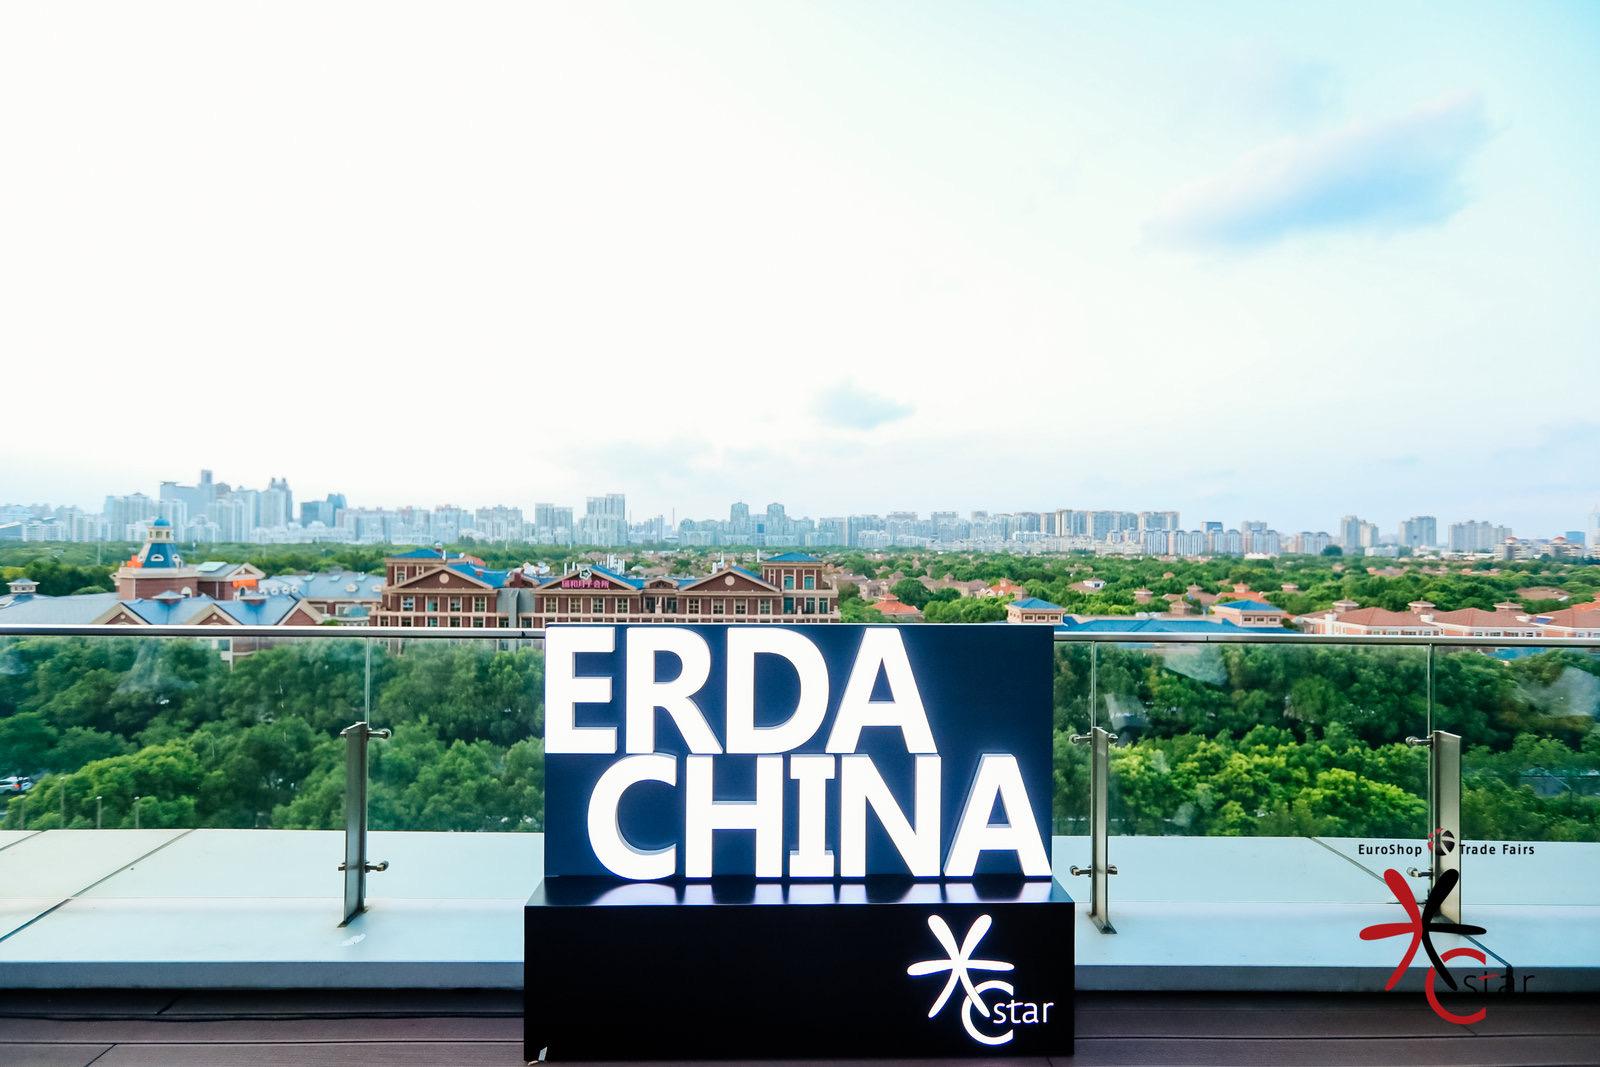 同仁堂知嘛健康空间荣获 EuroShop中国零售设计奖-颁奖典礼